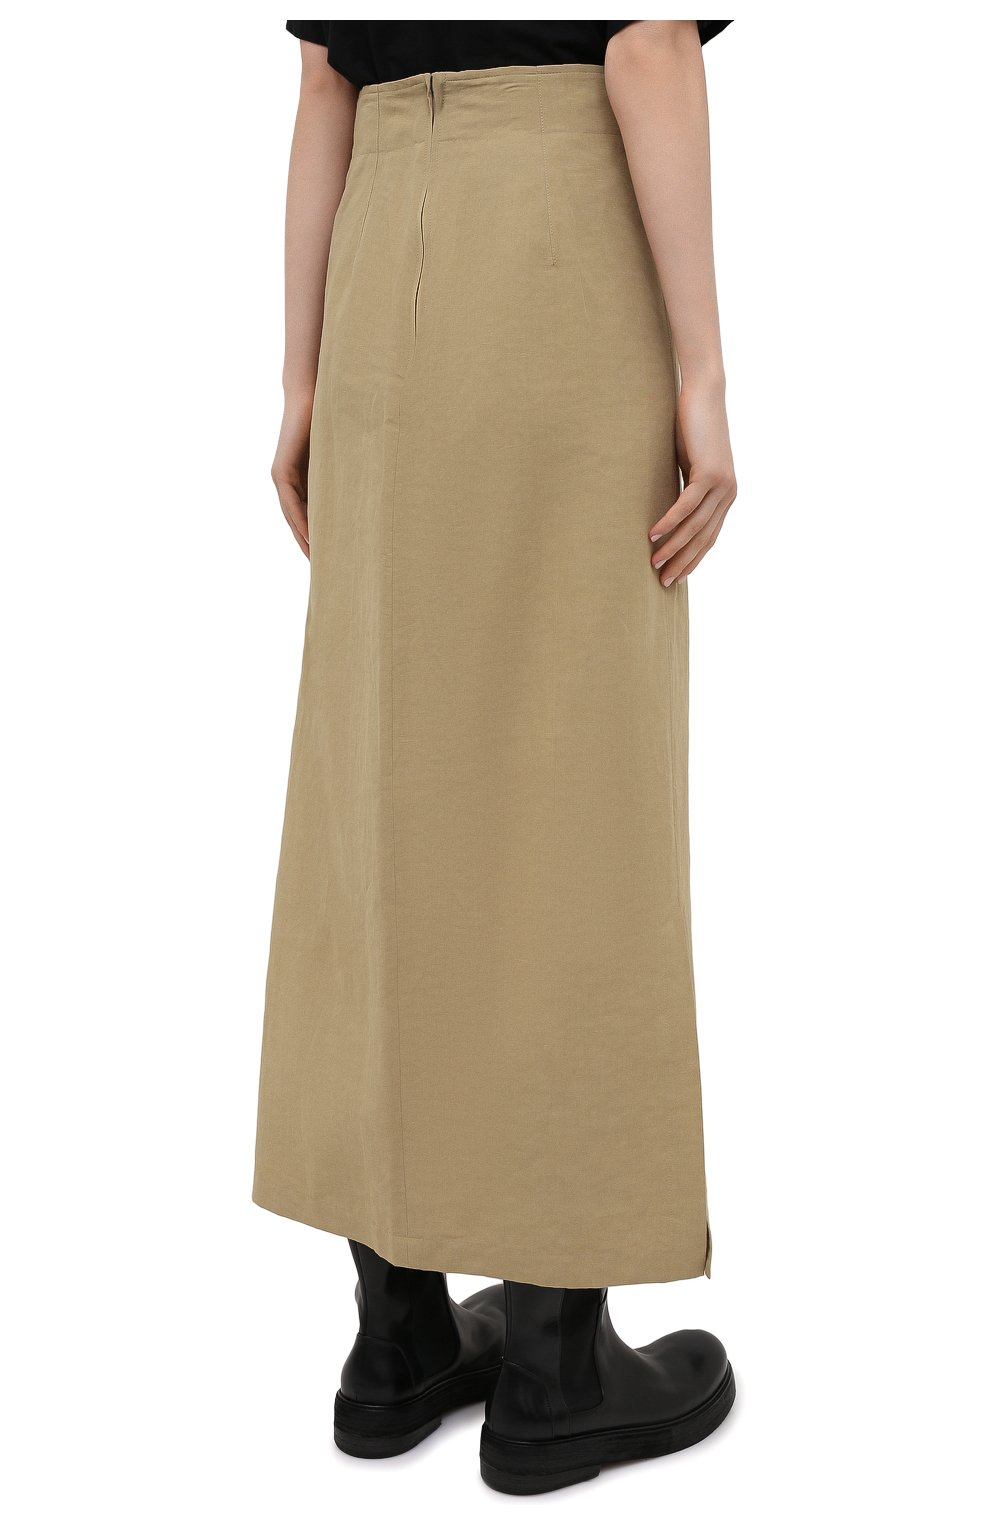 Женская юбка из льна и хлопка Y`S бежевого цвета, арт. YT-S40-330 | Фото 4 (Женское Кросс-КТ: Юбка-одежда; Материал внешний: Хлопок, Лен; Длина Ж (юбки, платья, шорты): Макси; Стили: Кэжуэл)